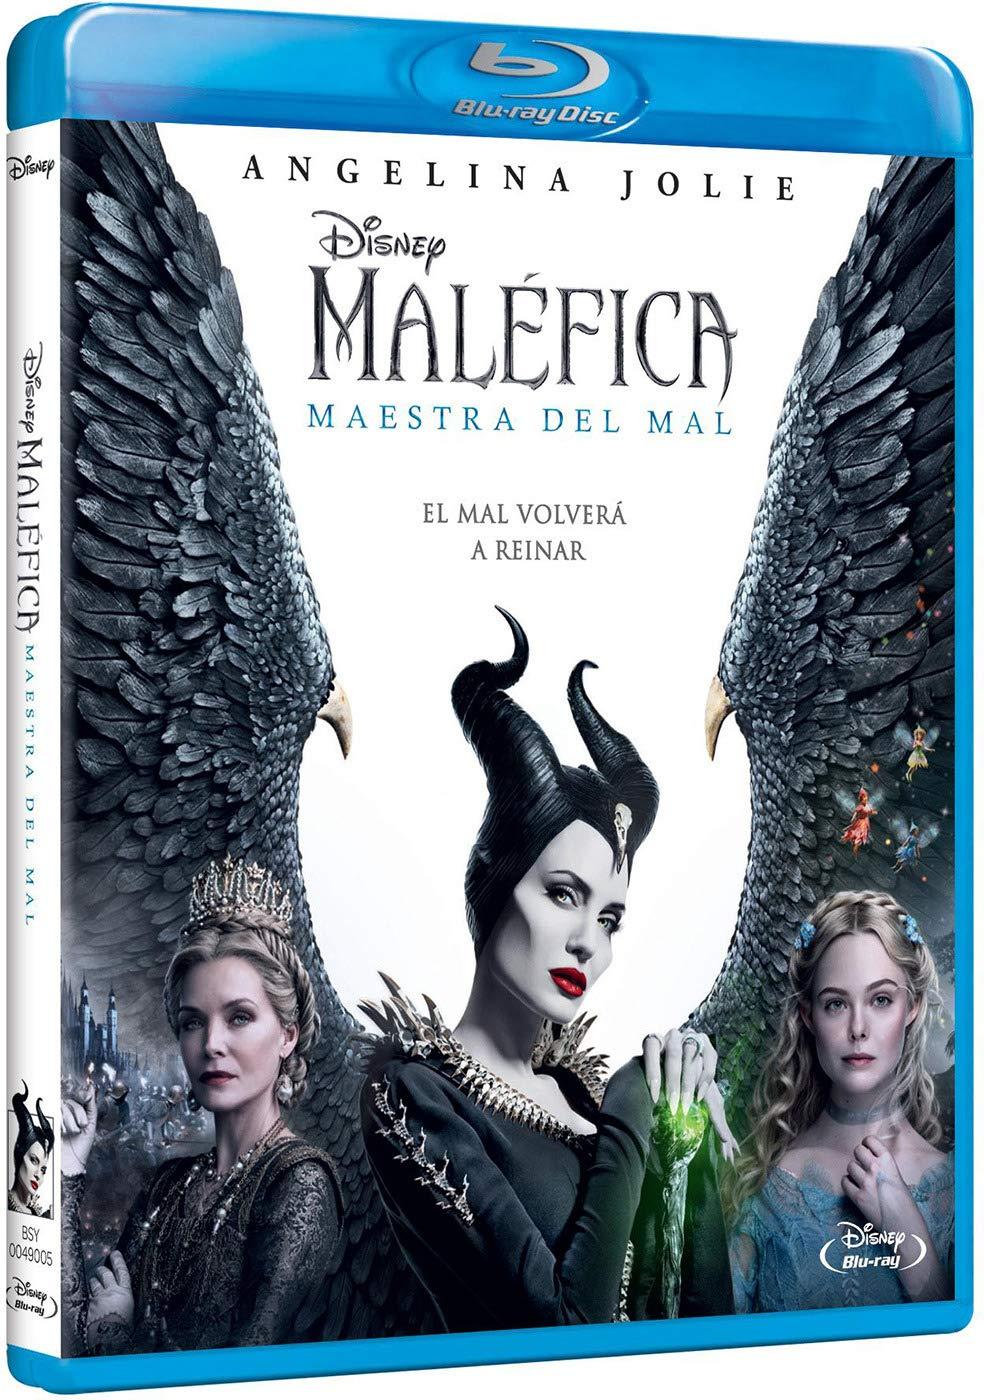 Maléfica Maestra del Mal [Blu-ray]: Amazon.es: Angelina Jolie ...